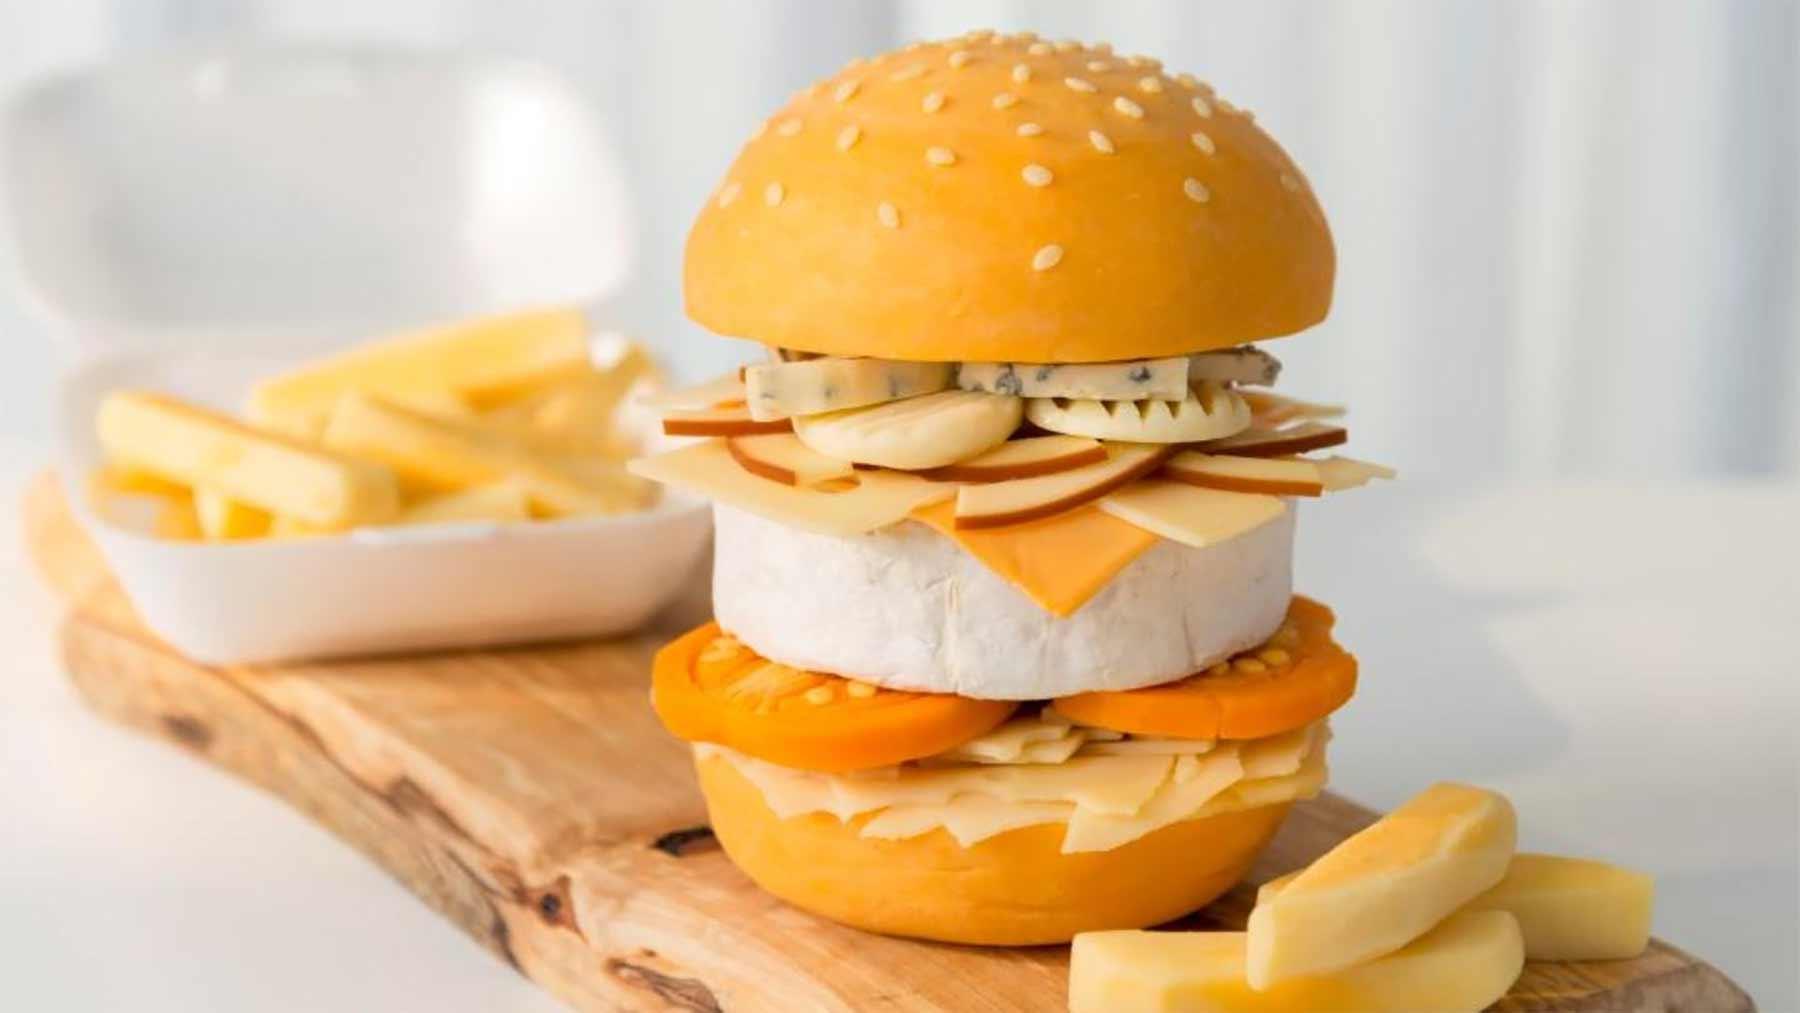 Dieser Cheeseburger besteht ausschließlich aus 9 Käsesorten